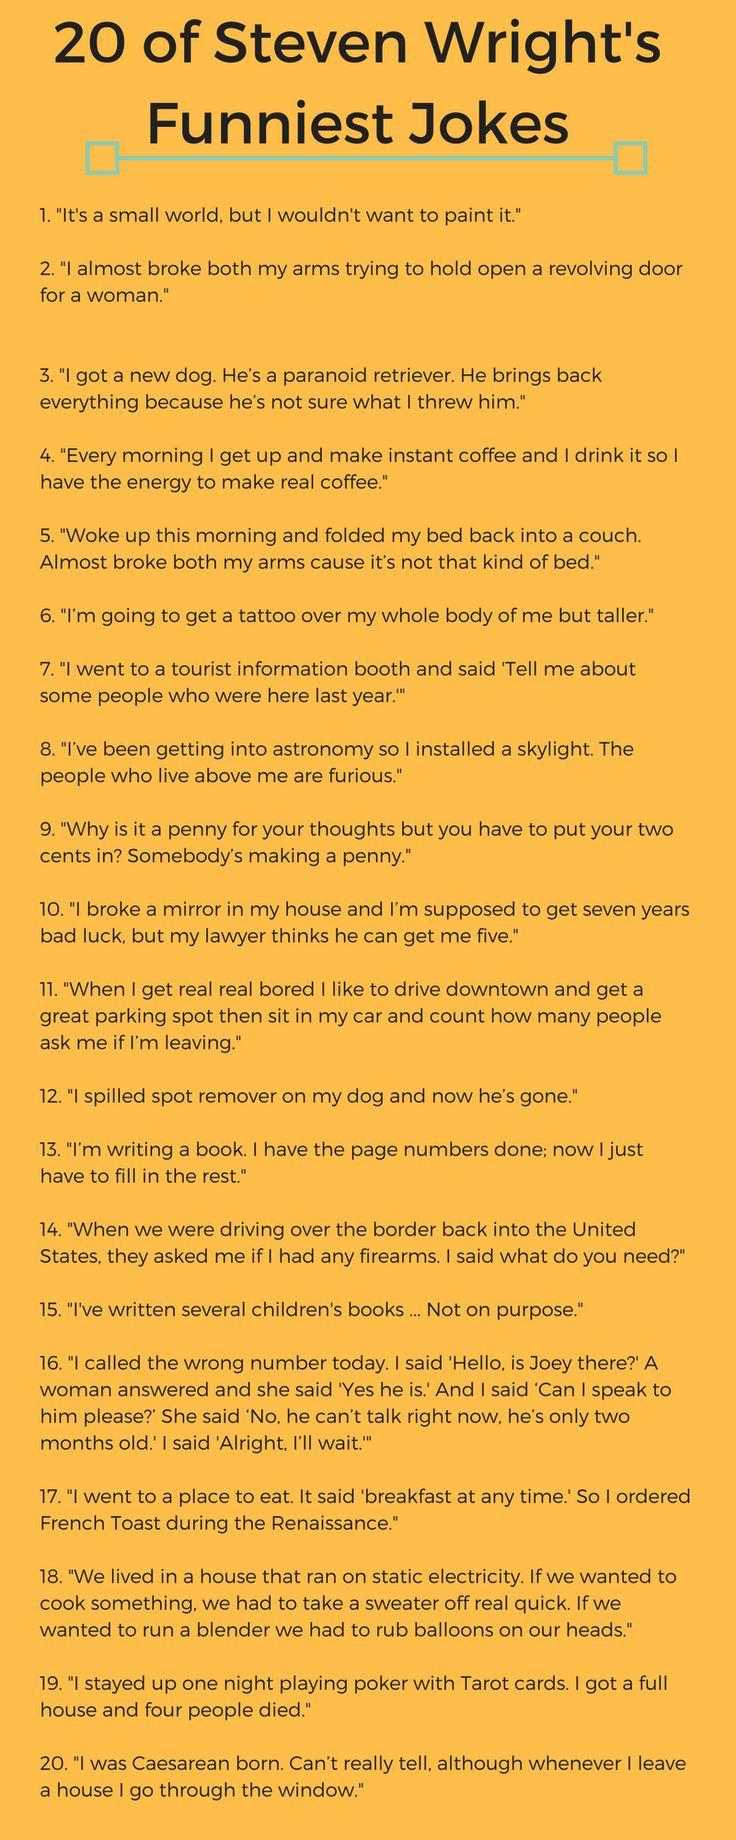 20 of Steven Wright's Funniest Jokes http://ift.tt/2h5GMHC